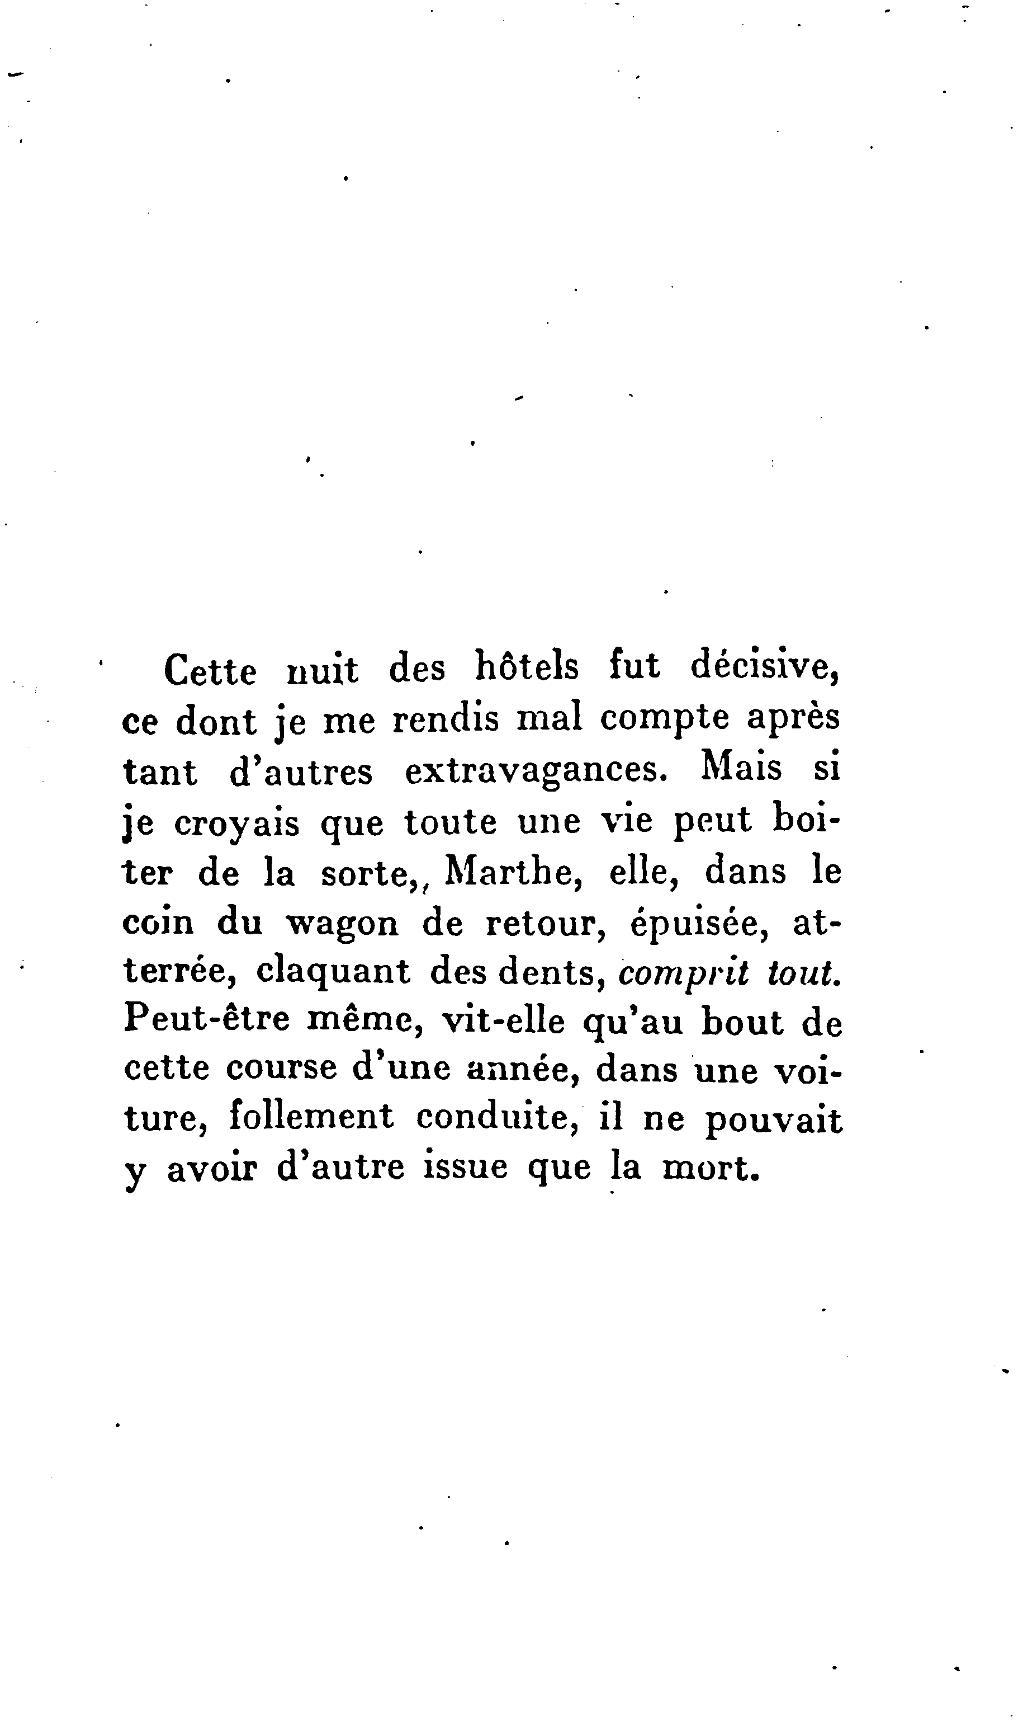 Avoir Le Diable Au Corps : avoir, diable, corps, Page:Radiguet, Diable, Corps,, Grasset,, 1923.djvu/219, Wikisource